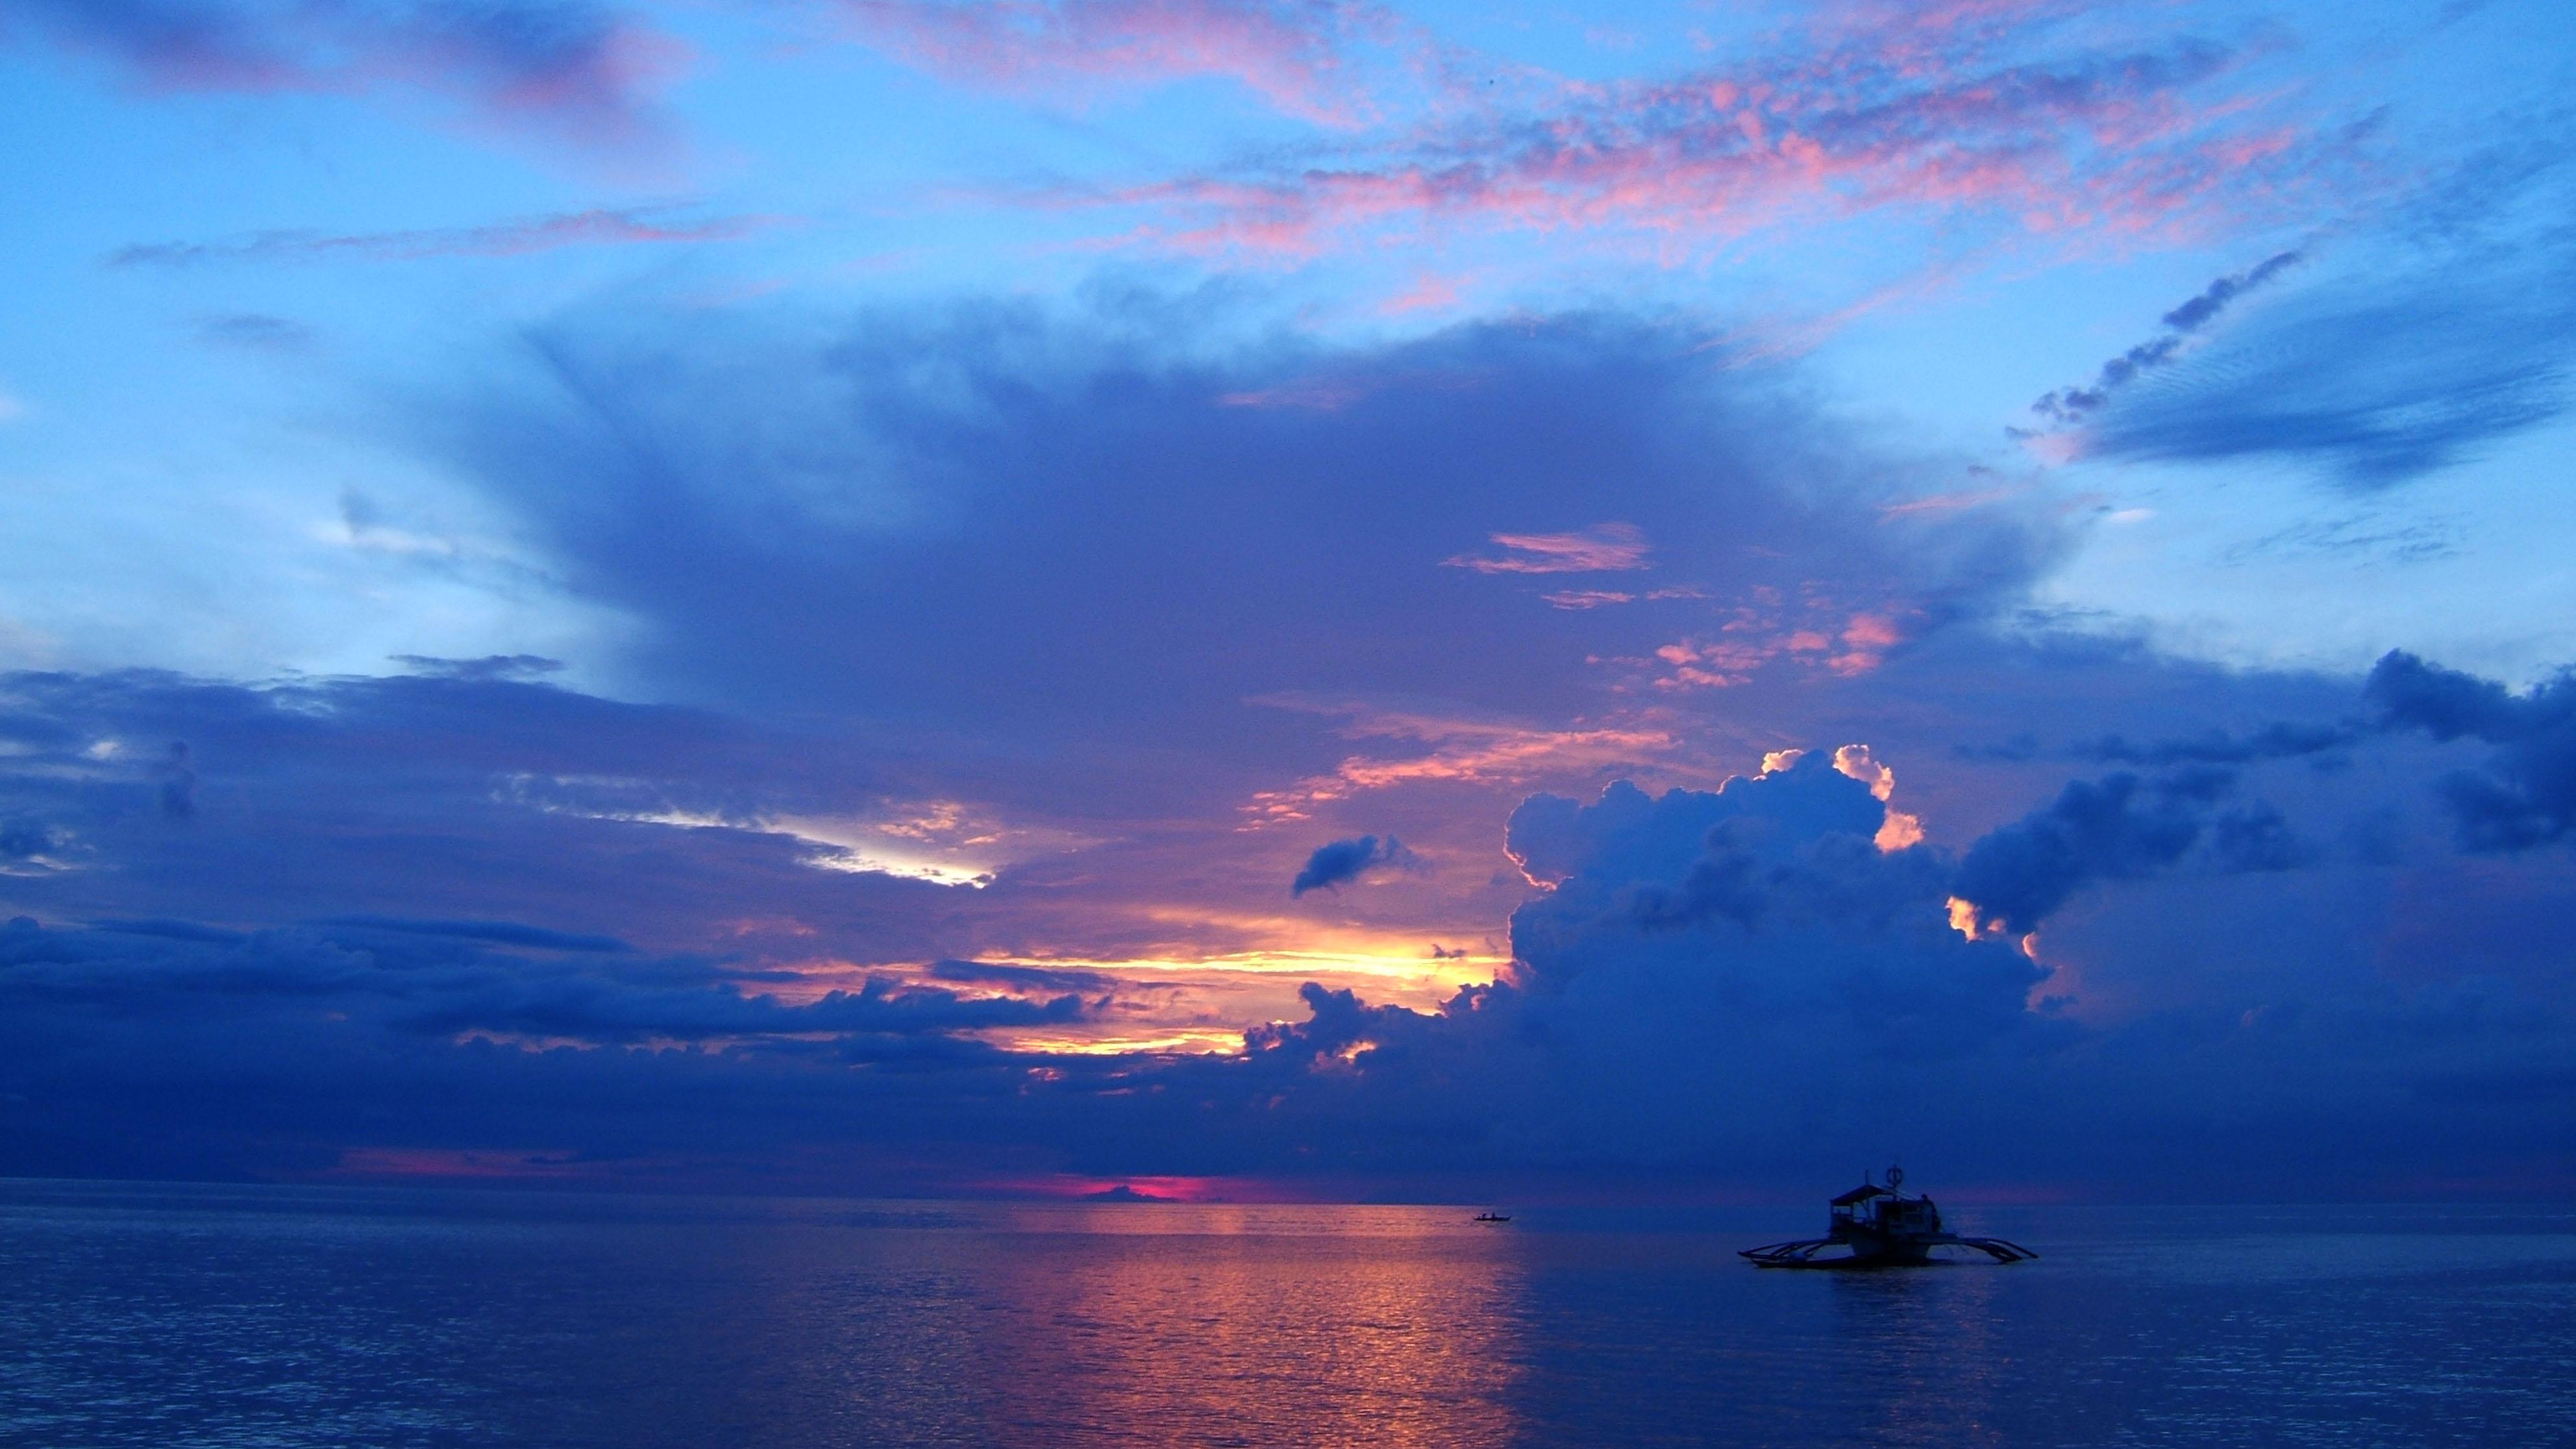 Sunset Philippines Mindoro White Beach 08